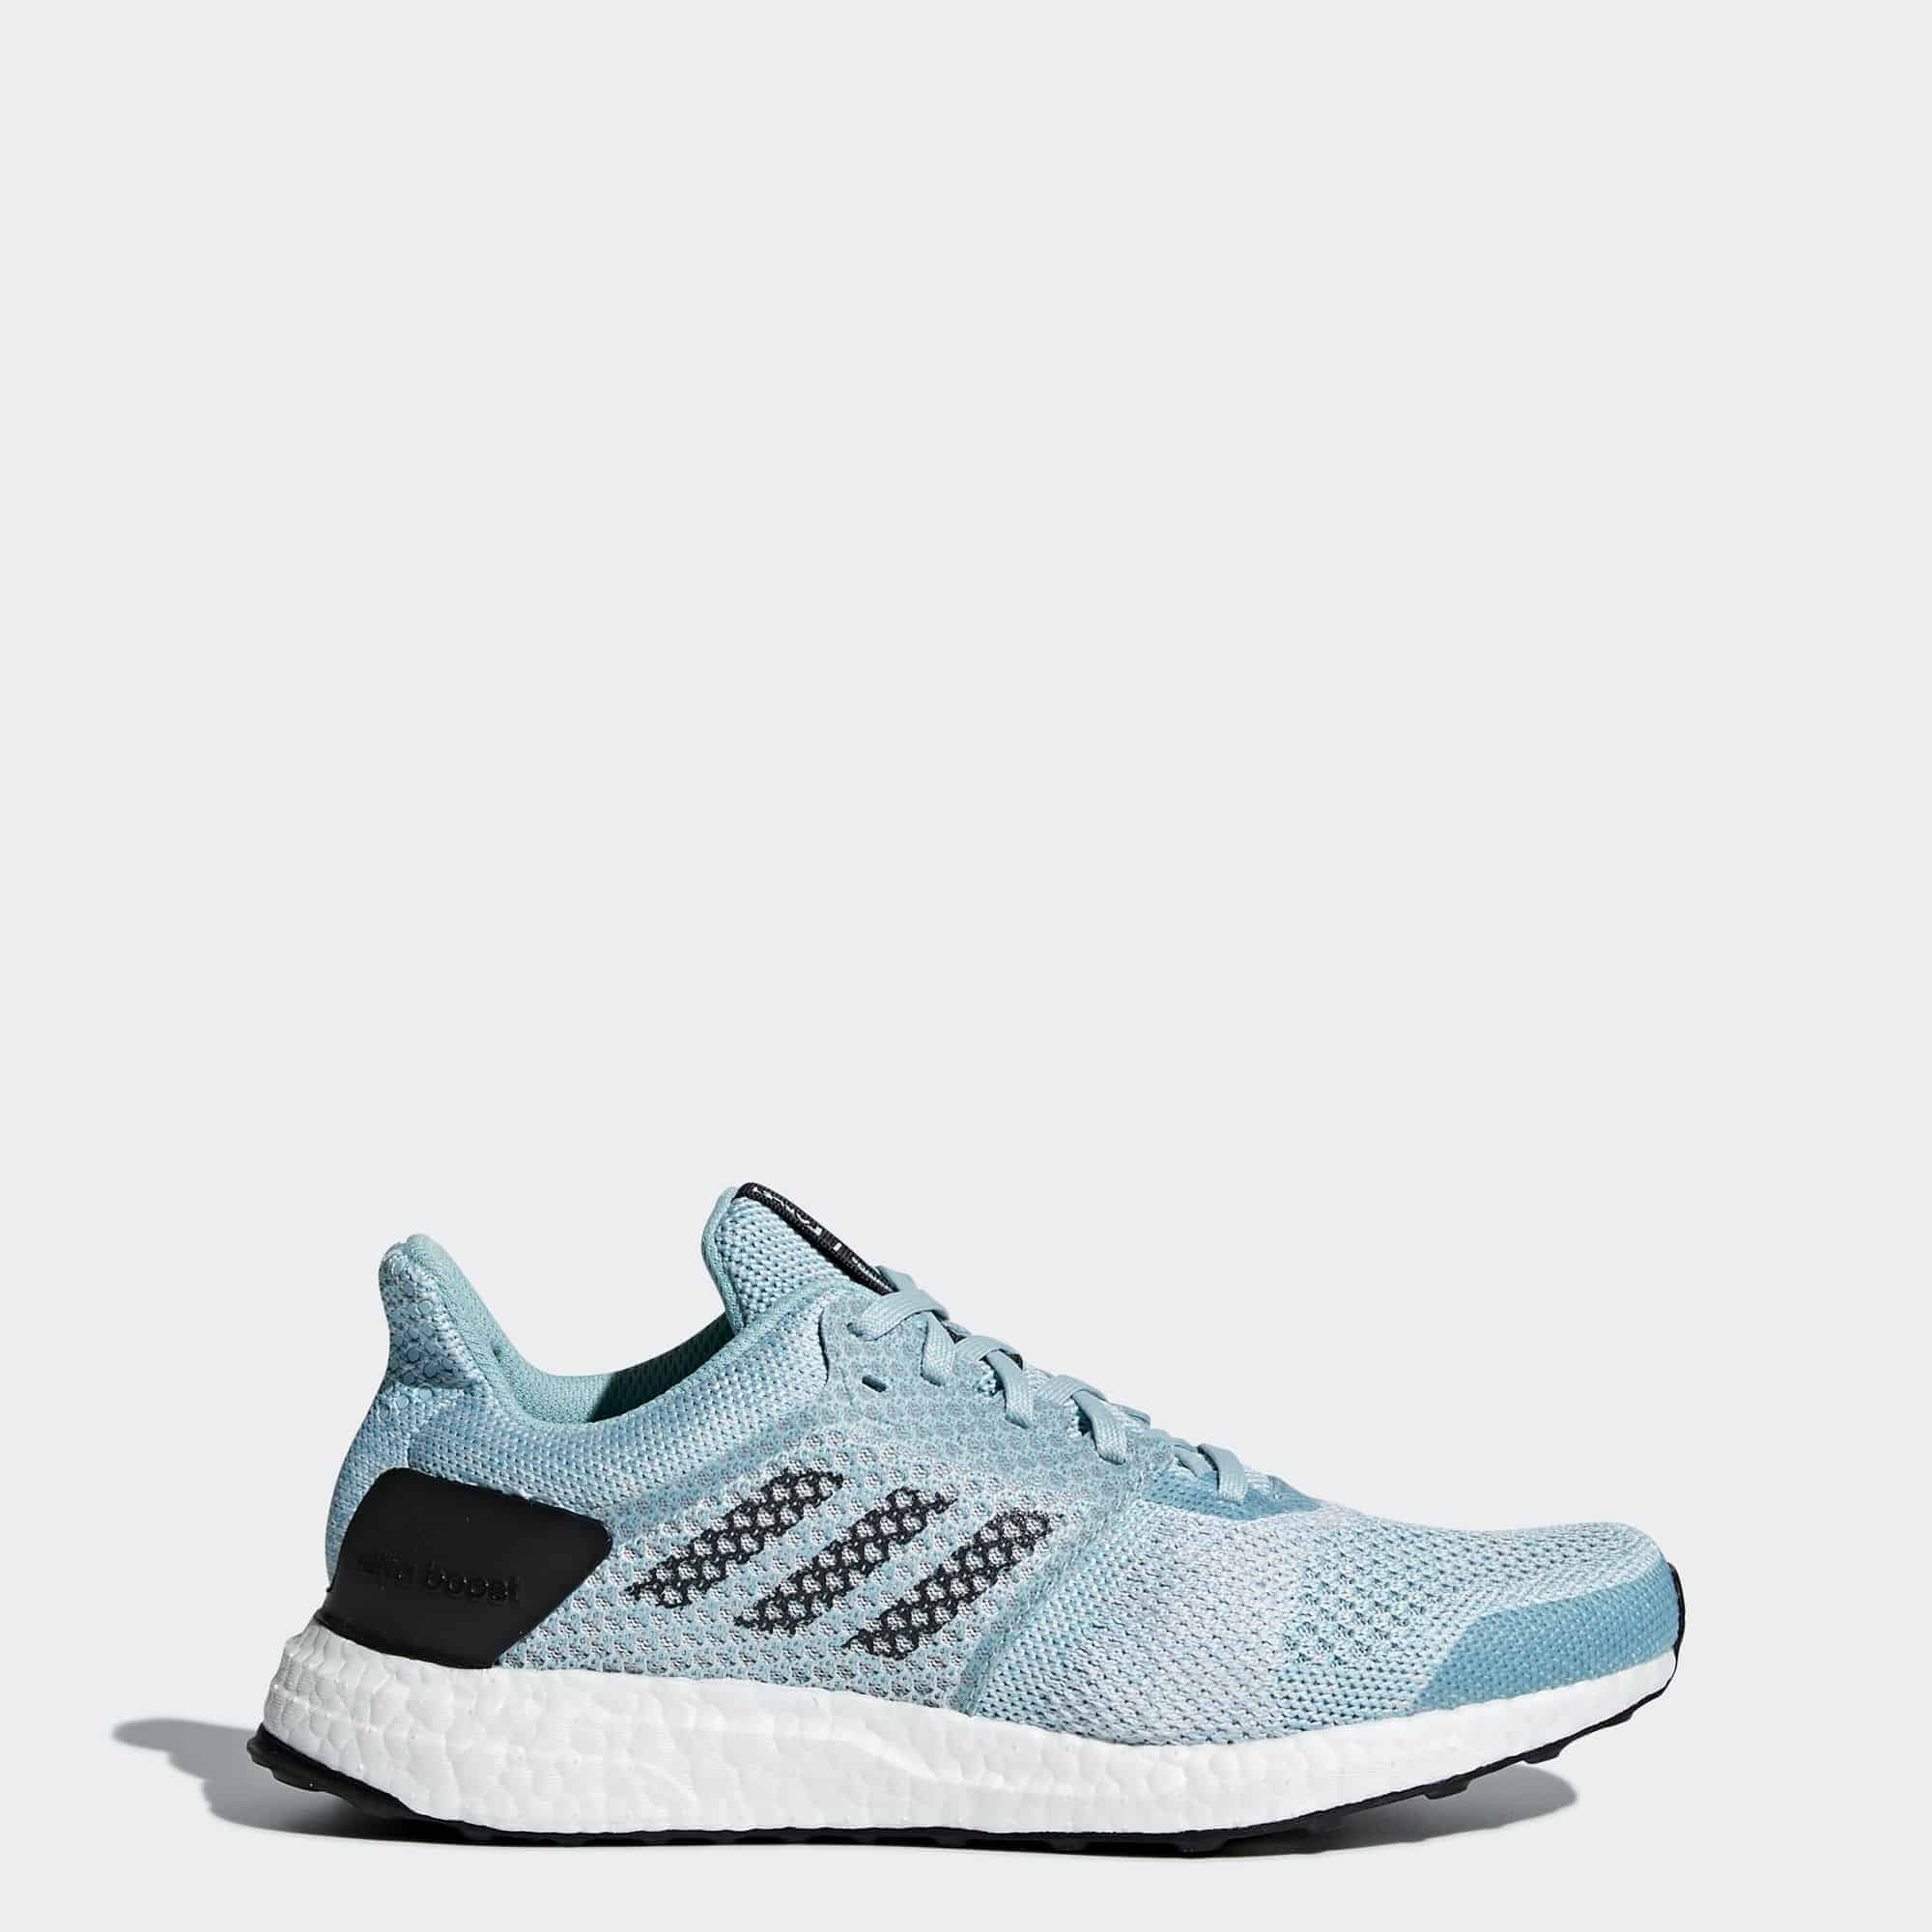 Кроссовки для бега Adidas Ultraboost ST Parley женские